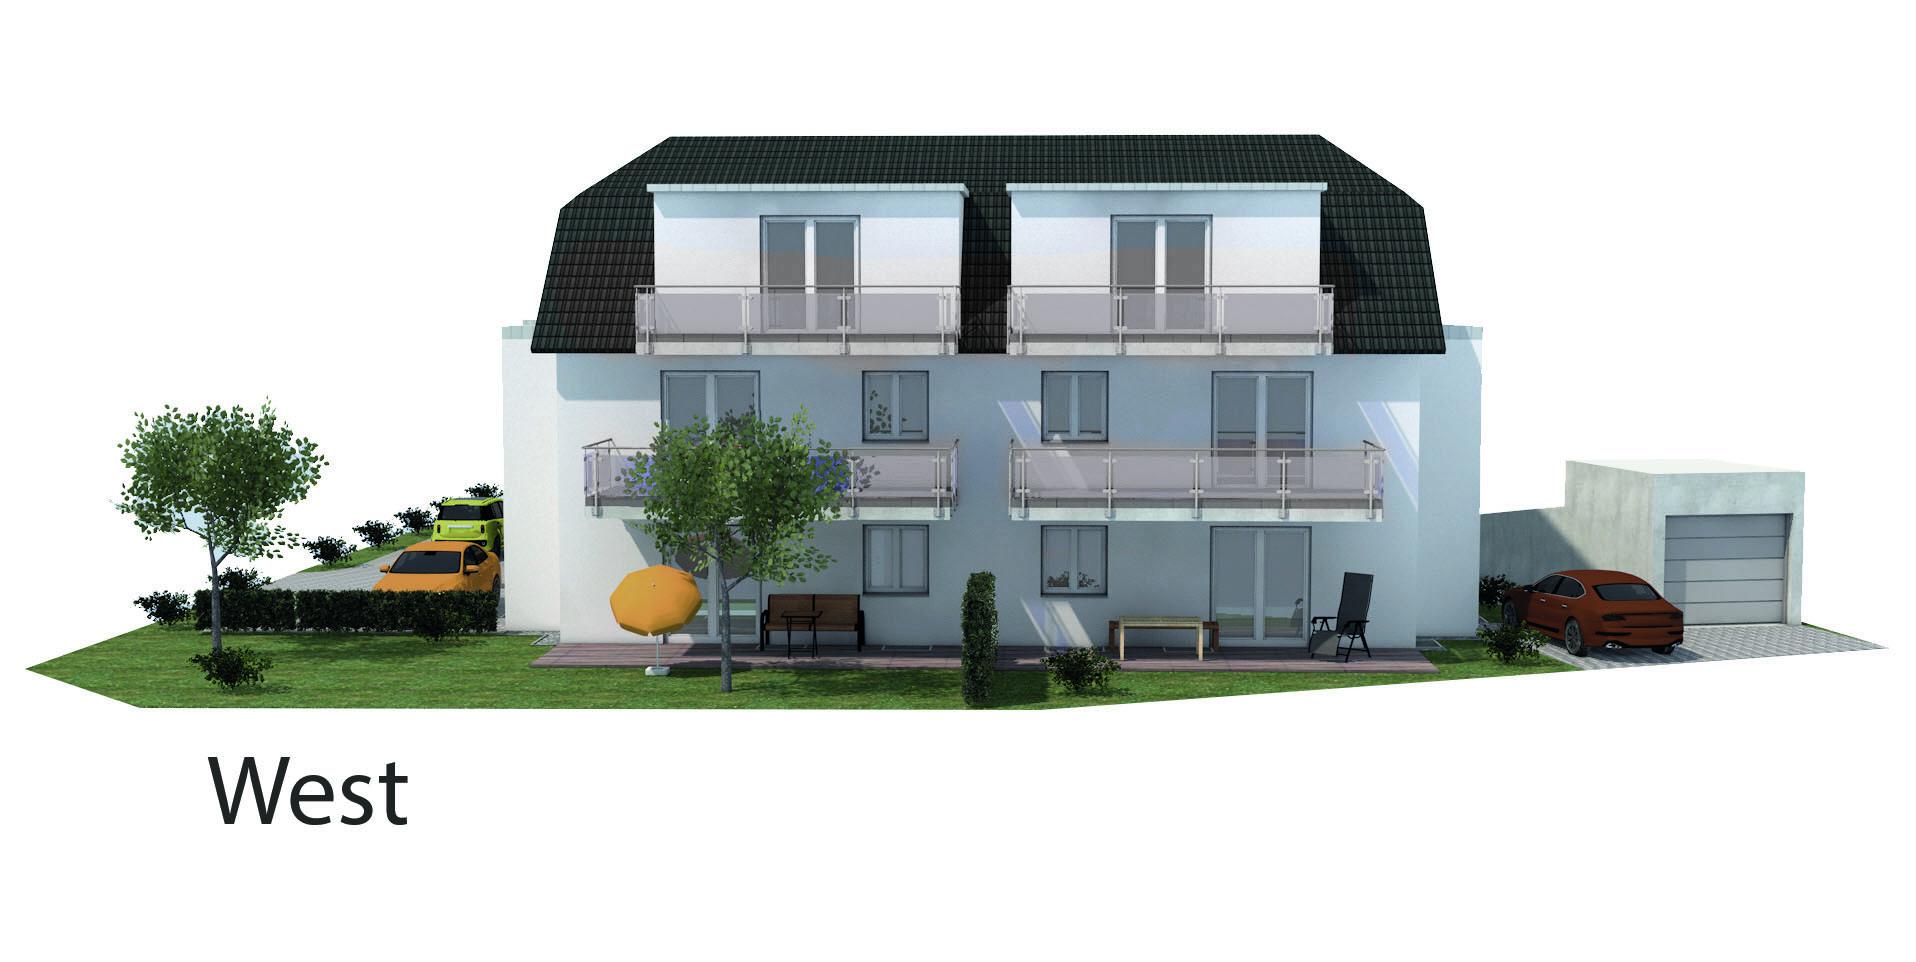 Nord-Ost_Haus1-und-Haus2